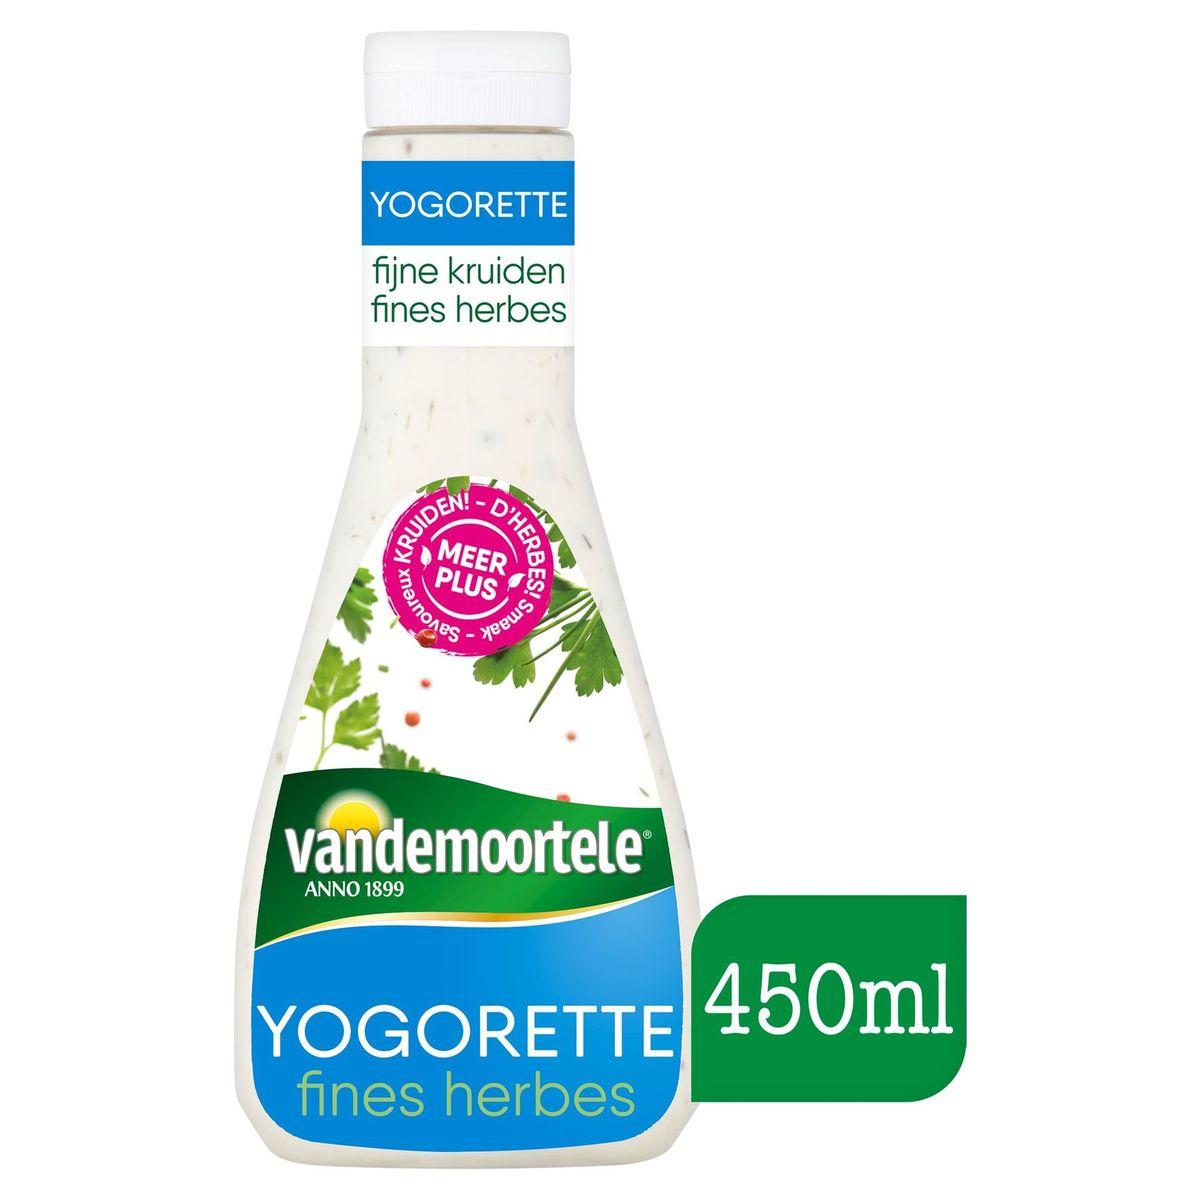 Vandemoortele Fijne Kruiden Yogorette Vinaigrette 450 ml